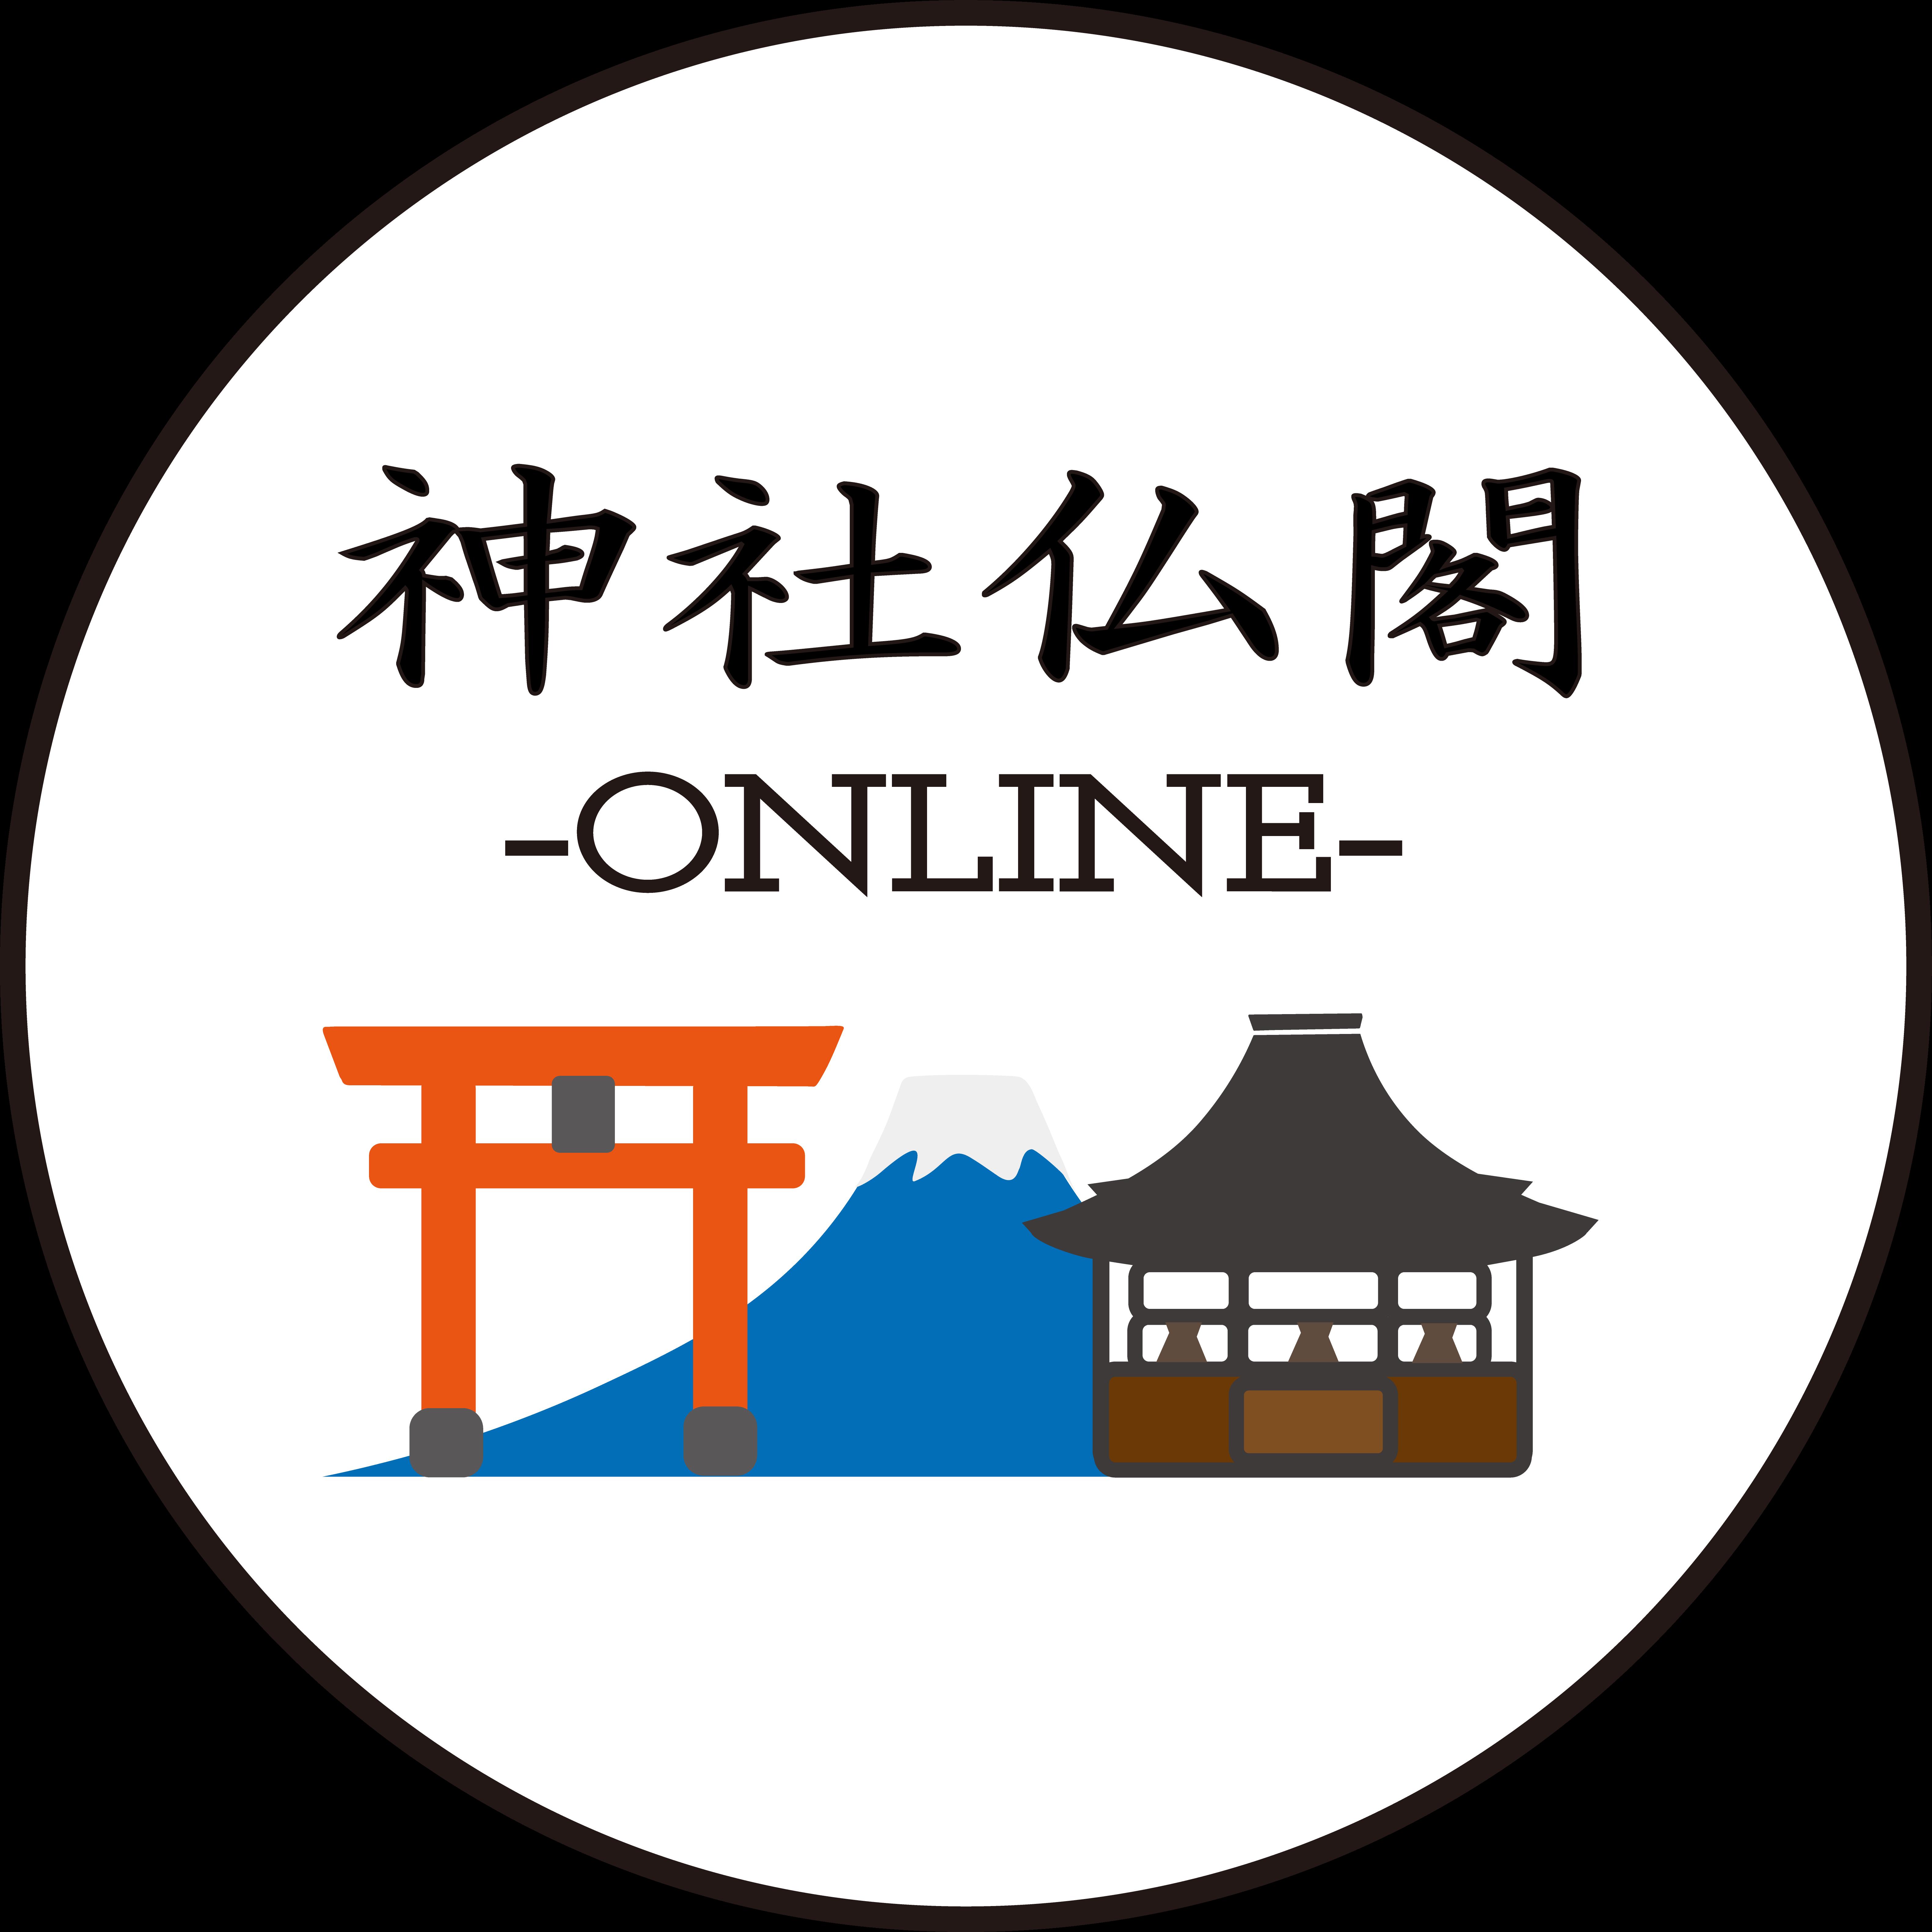 神社仏閣オンラインロゴ